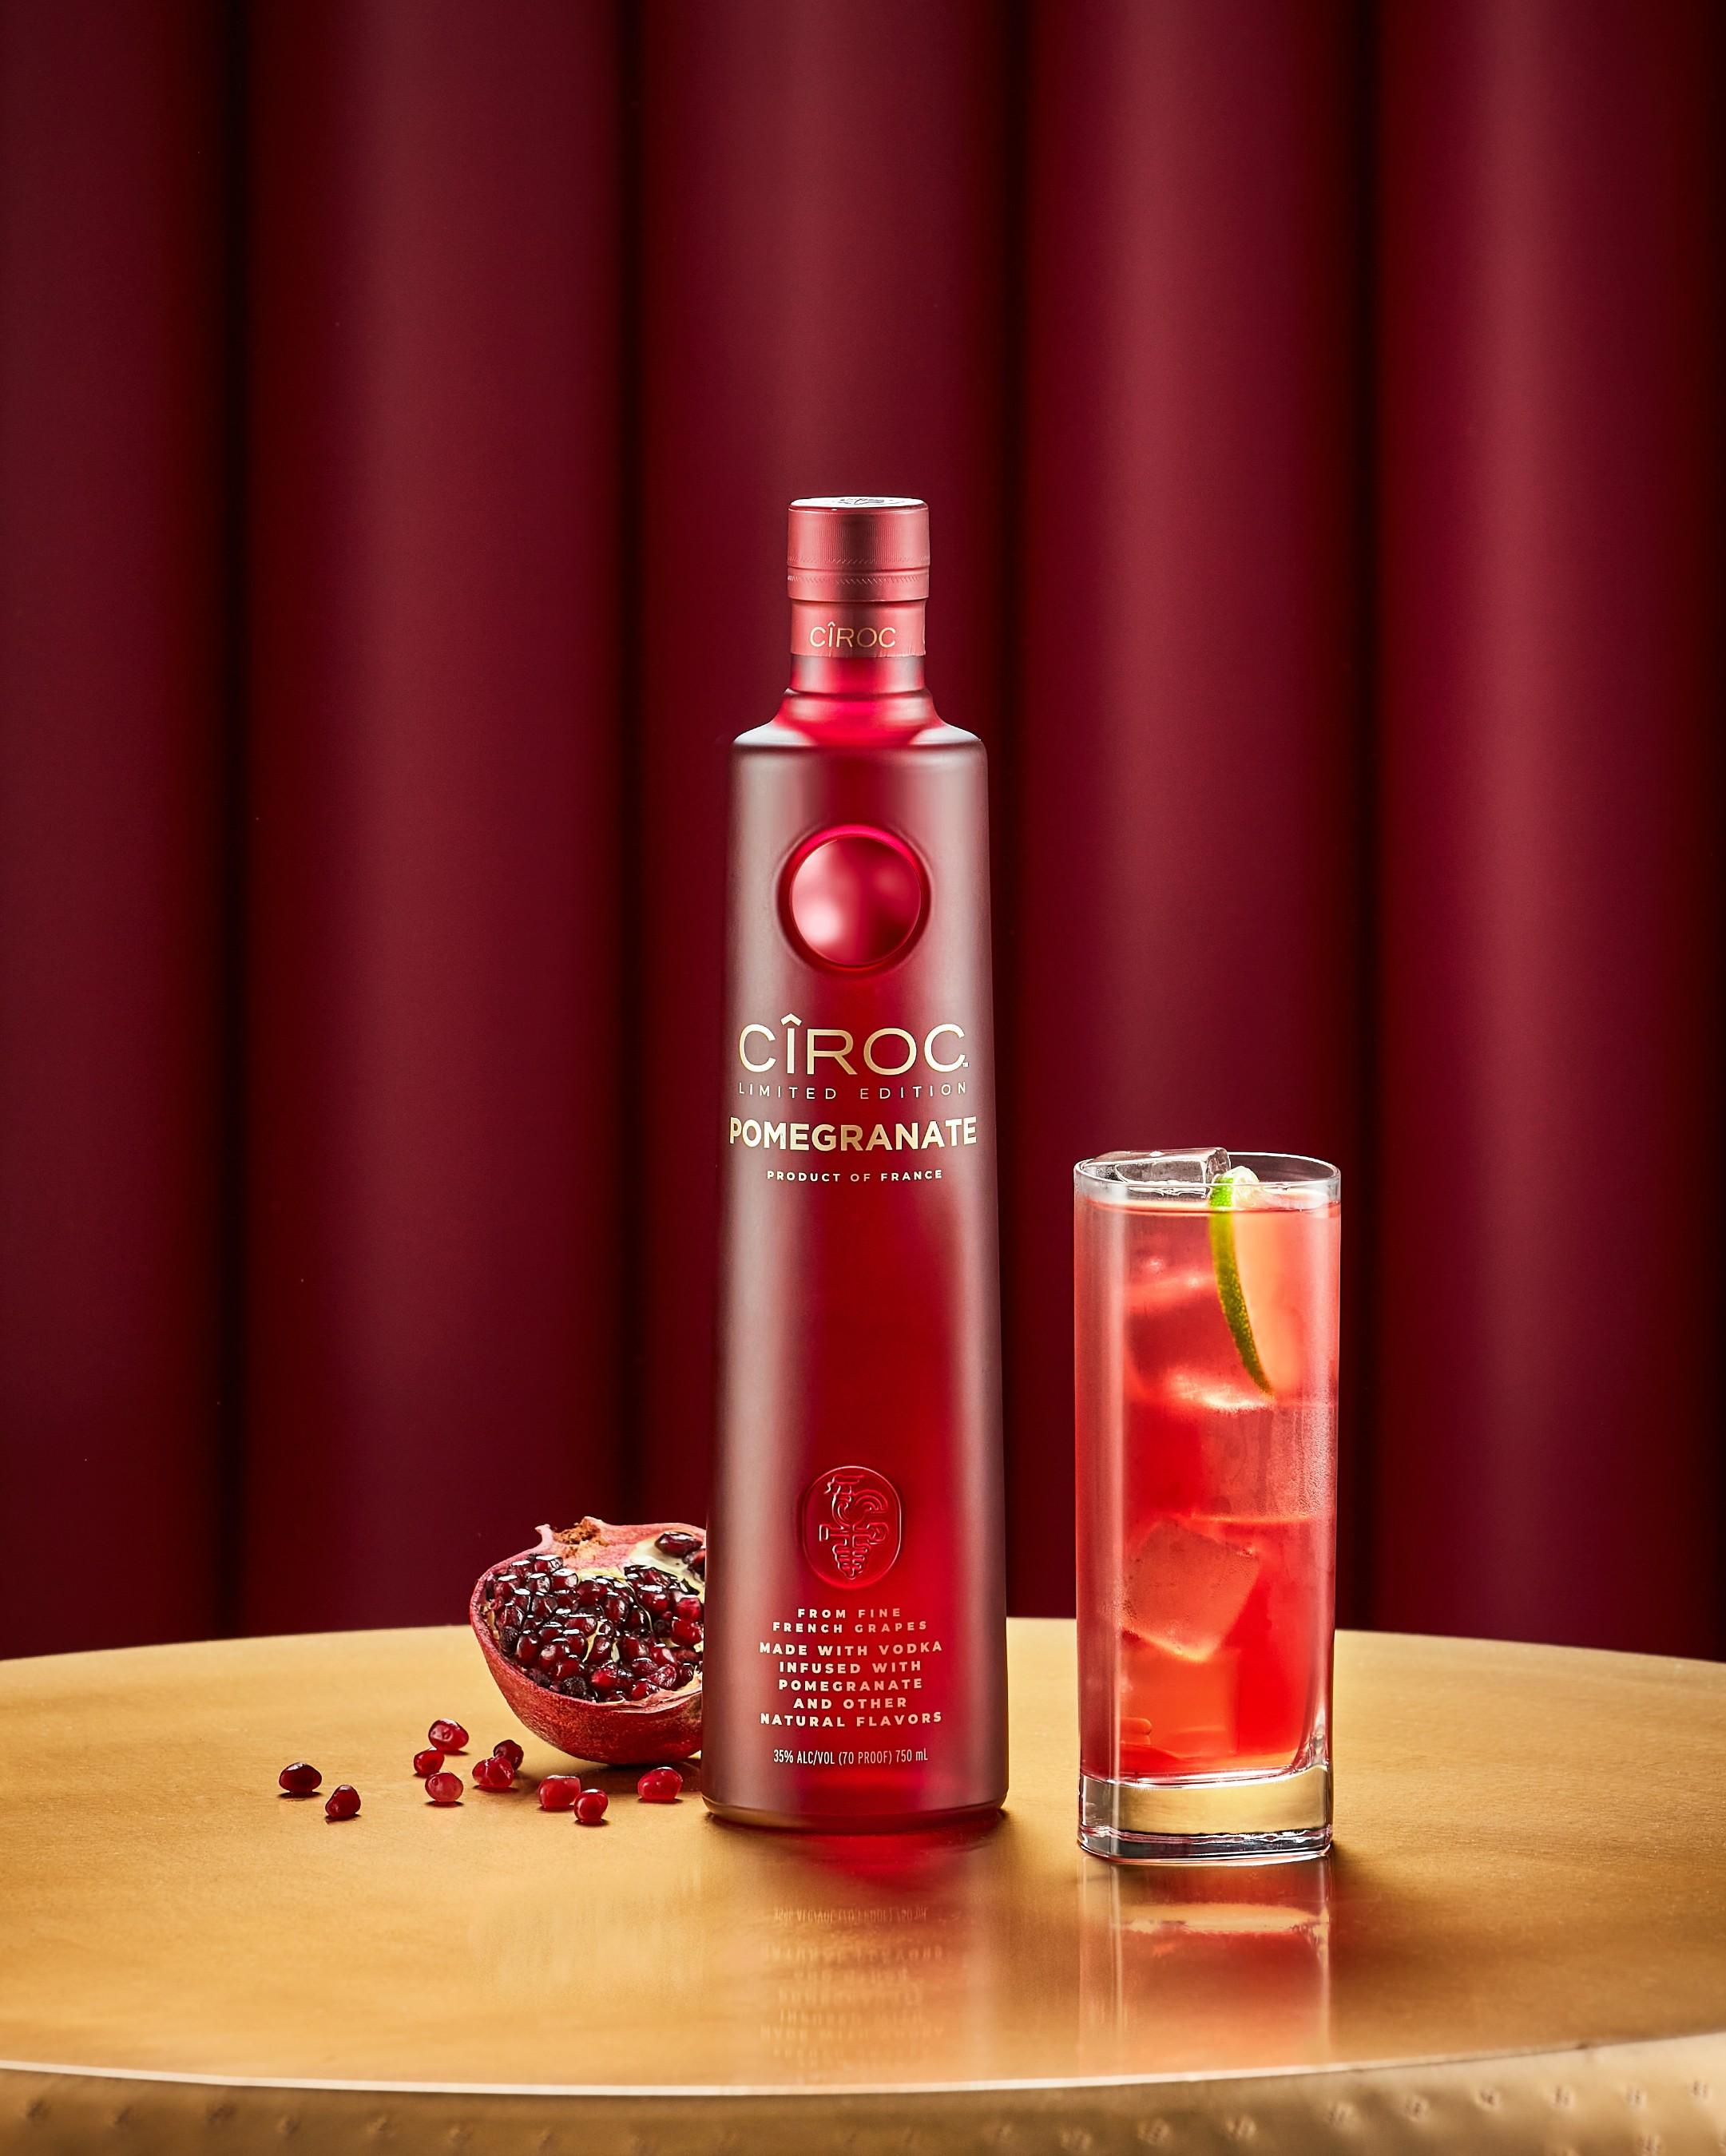 CIROC Pomegranate Passion